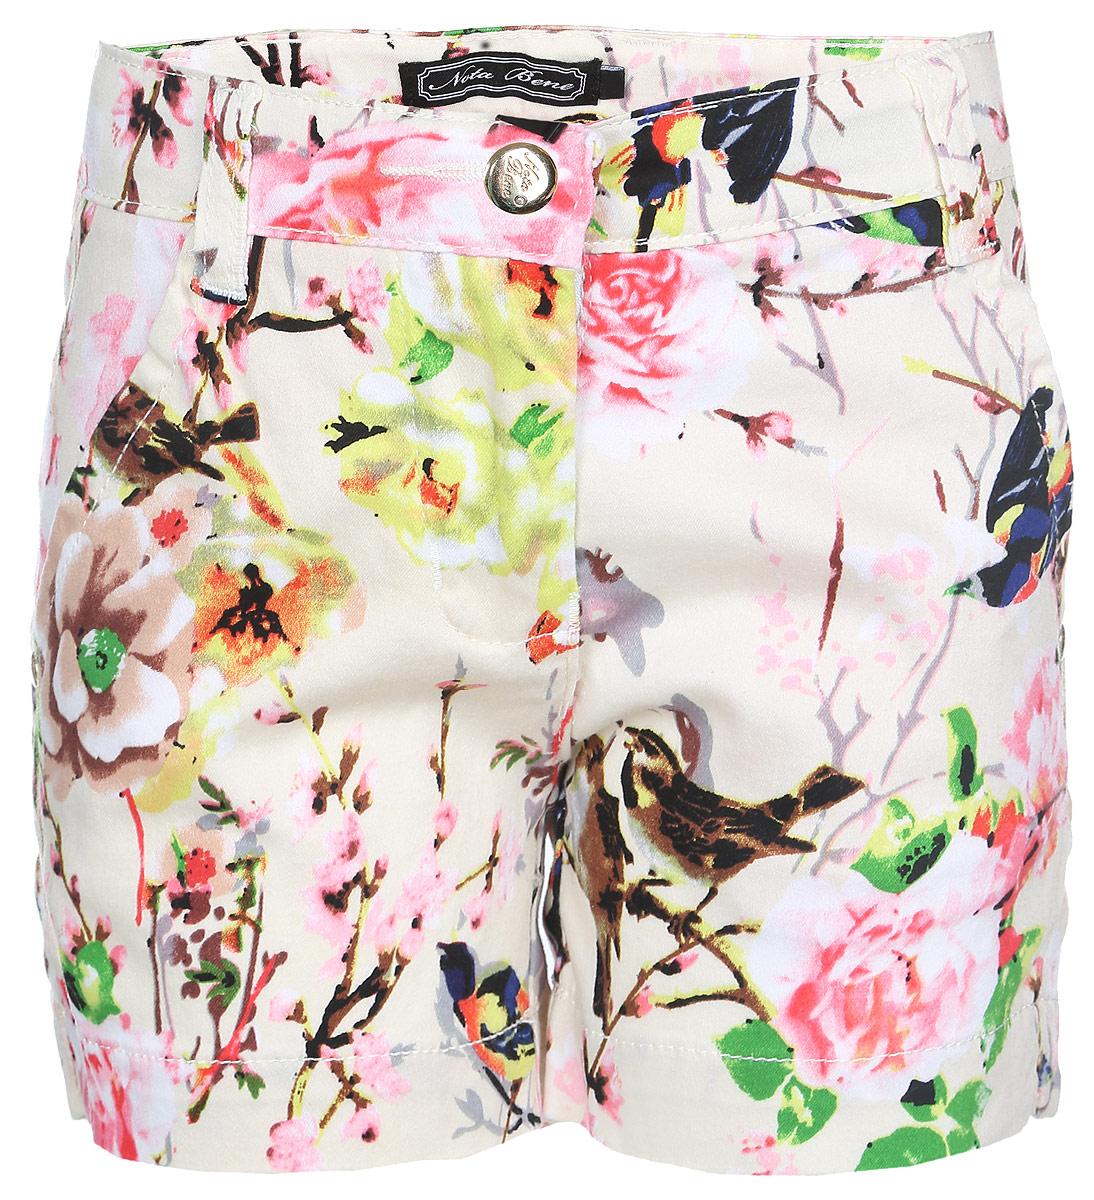 Шорты для девочки Nota Bene, цвет: бежевый, розовый, коричневый. SS161G421-5. Размер 98SS161G421-5Стильные шорты для девочки Nota Bene идеально подойдут юной моднице для отдыха и прогулок. Изготовленные из мягкого эластичного материала, они тактильно приятные, имеют комфортную длину и удобную посадку на фигуре.Модель на талии застегивается на металлическую пуговицу и имеет ширинку на застежке-молнии, а также шлевки для ремня. С внутренней стороны пояс регулируется скрытой резинкой на пуговицах. Спереди расположены два втачных кармана, сзади - два прорезных. Изделие оформлено принтом с изображением цветов и птиц, декорировано нашивкой и металлическими клепками с названием бренда.Современный дизайн и расцветка делают эти шорты модным предметом детской одежды. Обладательница таких шорт всегда будет в центре внимания!